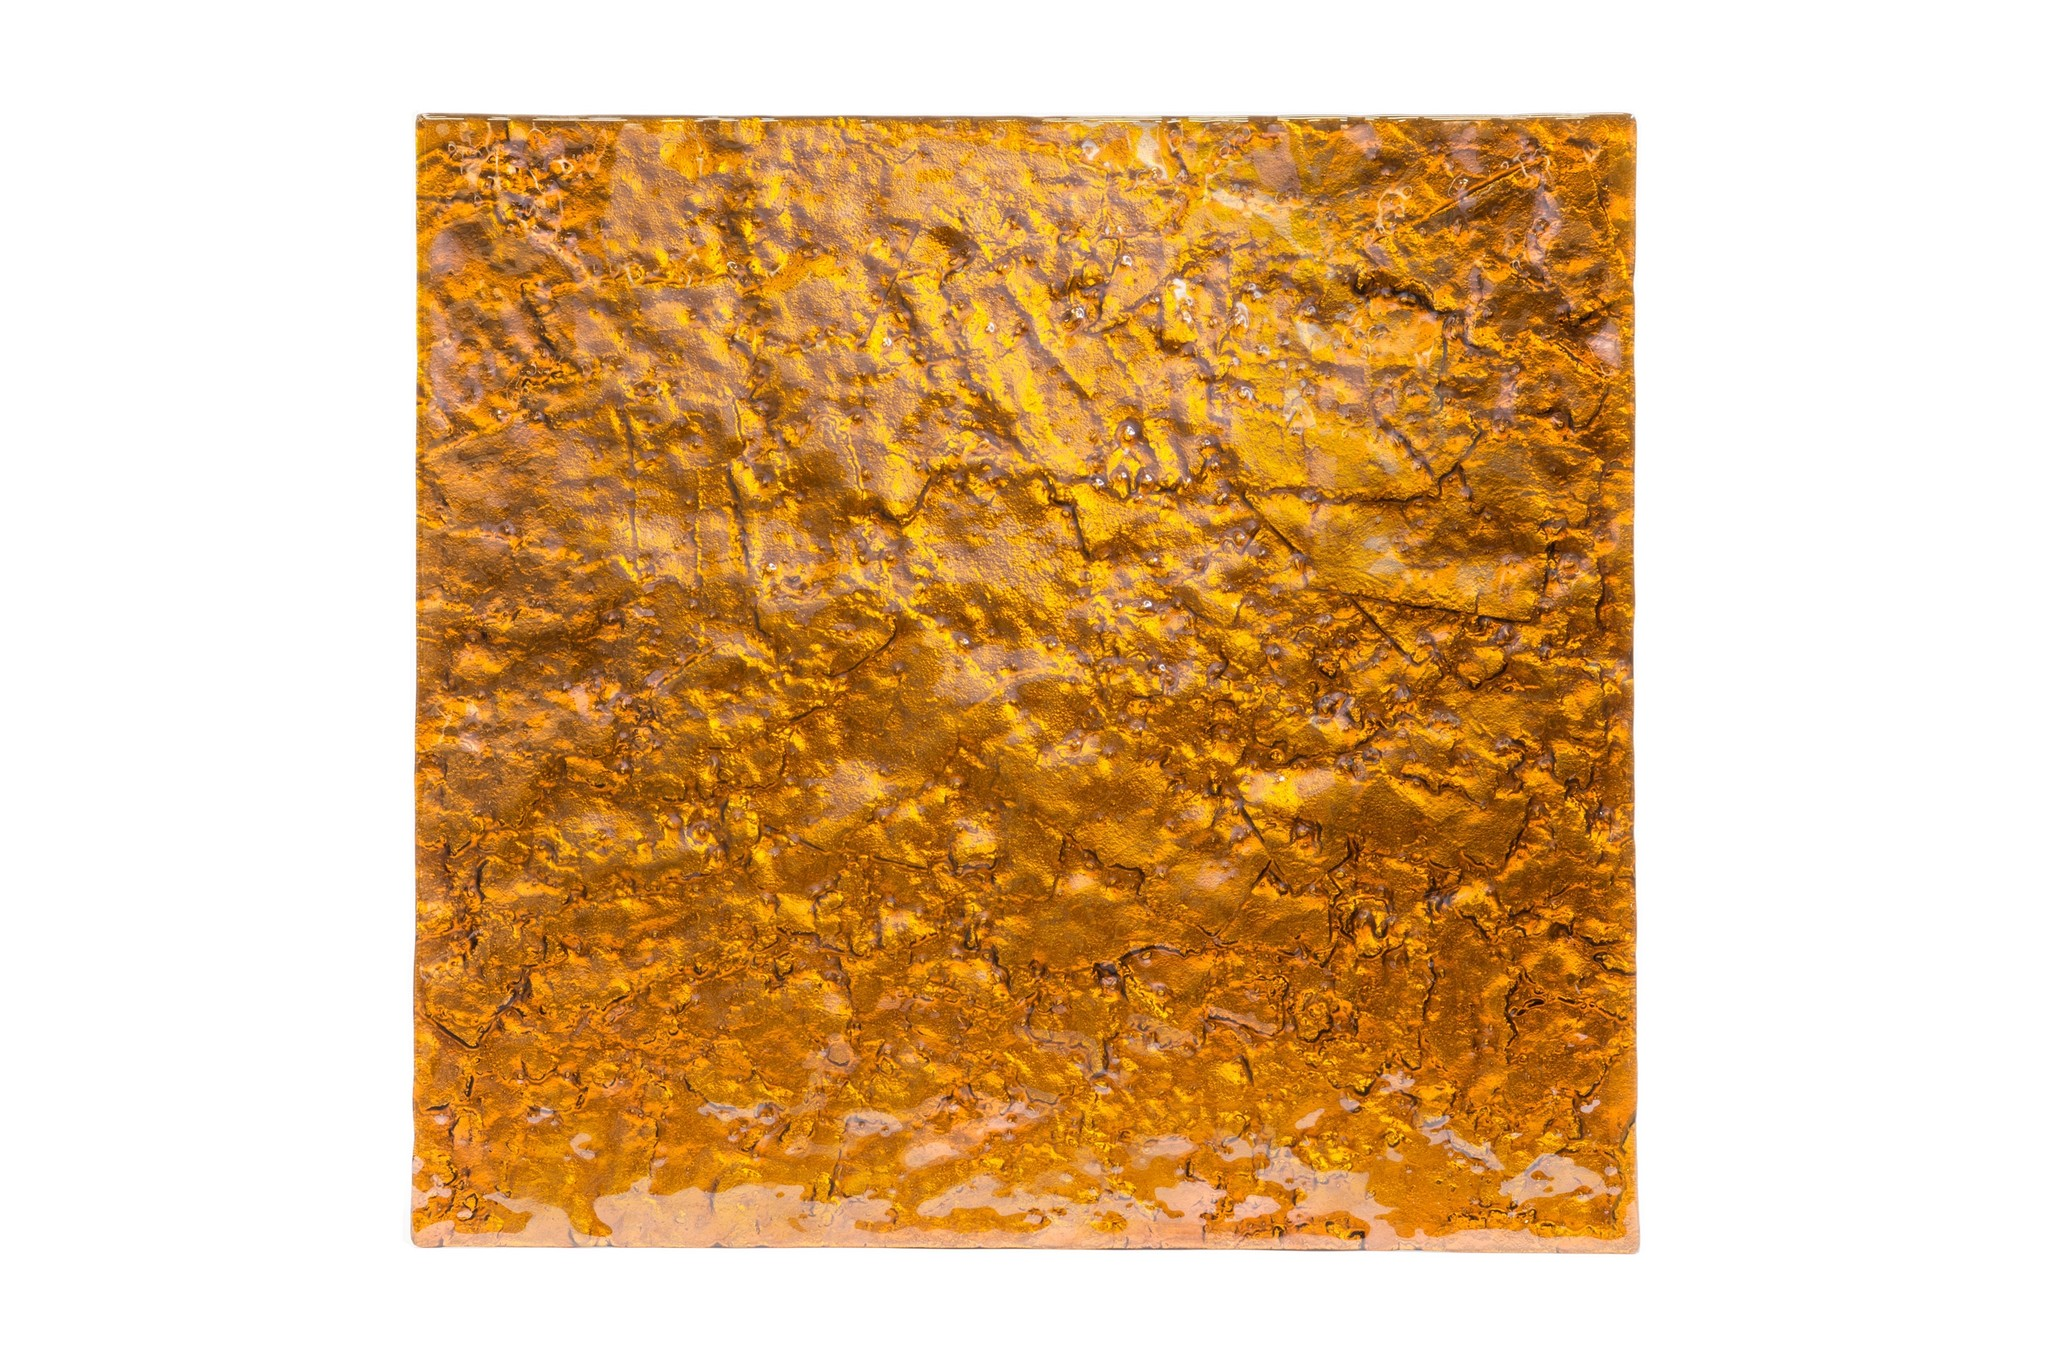 Стеновая панель Golden HoneyПанно<br>Стеновые панели из стекла способны преобразить любой интерьер до неузнаваемости. Экспериментируйте с цветом и фактурой — дайте волю фантазии! Стеклянные стеновые панели – это оригинальный способ создать незаурядный интерьер, как в общественном заведении, так и в приватном помещении. Панели легко крепятся к поверхности  с помощью специального клея. Использовать стеклянные панели также можно в качестве фасада мебели. Панелями можно обшить, как большую площадь сразу (в помещении или на улице), так и отдельные элементы (например, колонны). Изготавливаются под размеры заказчика.<br><br>Material: Стекло<br>Width см: 100<br>Depth см: 2<br>Height см: 100